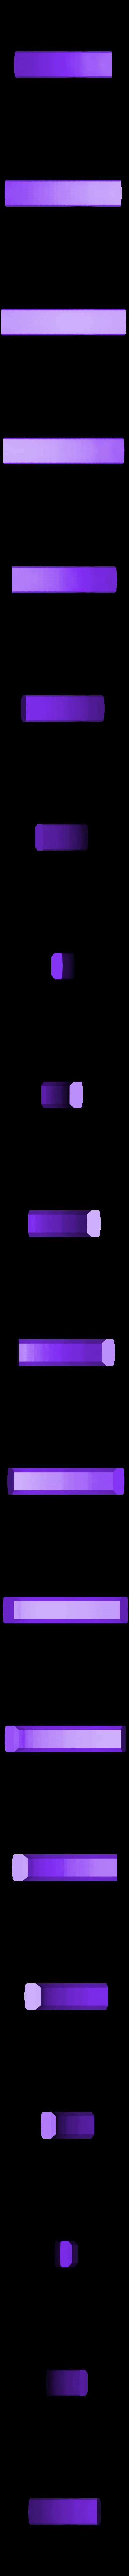 Lightcycle_Window_Top.STL Télécharger fichier STL gratuit Kit modèle Lightcycle • Objet pour impression 3D, billythemighty3Dprinter